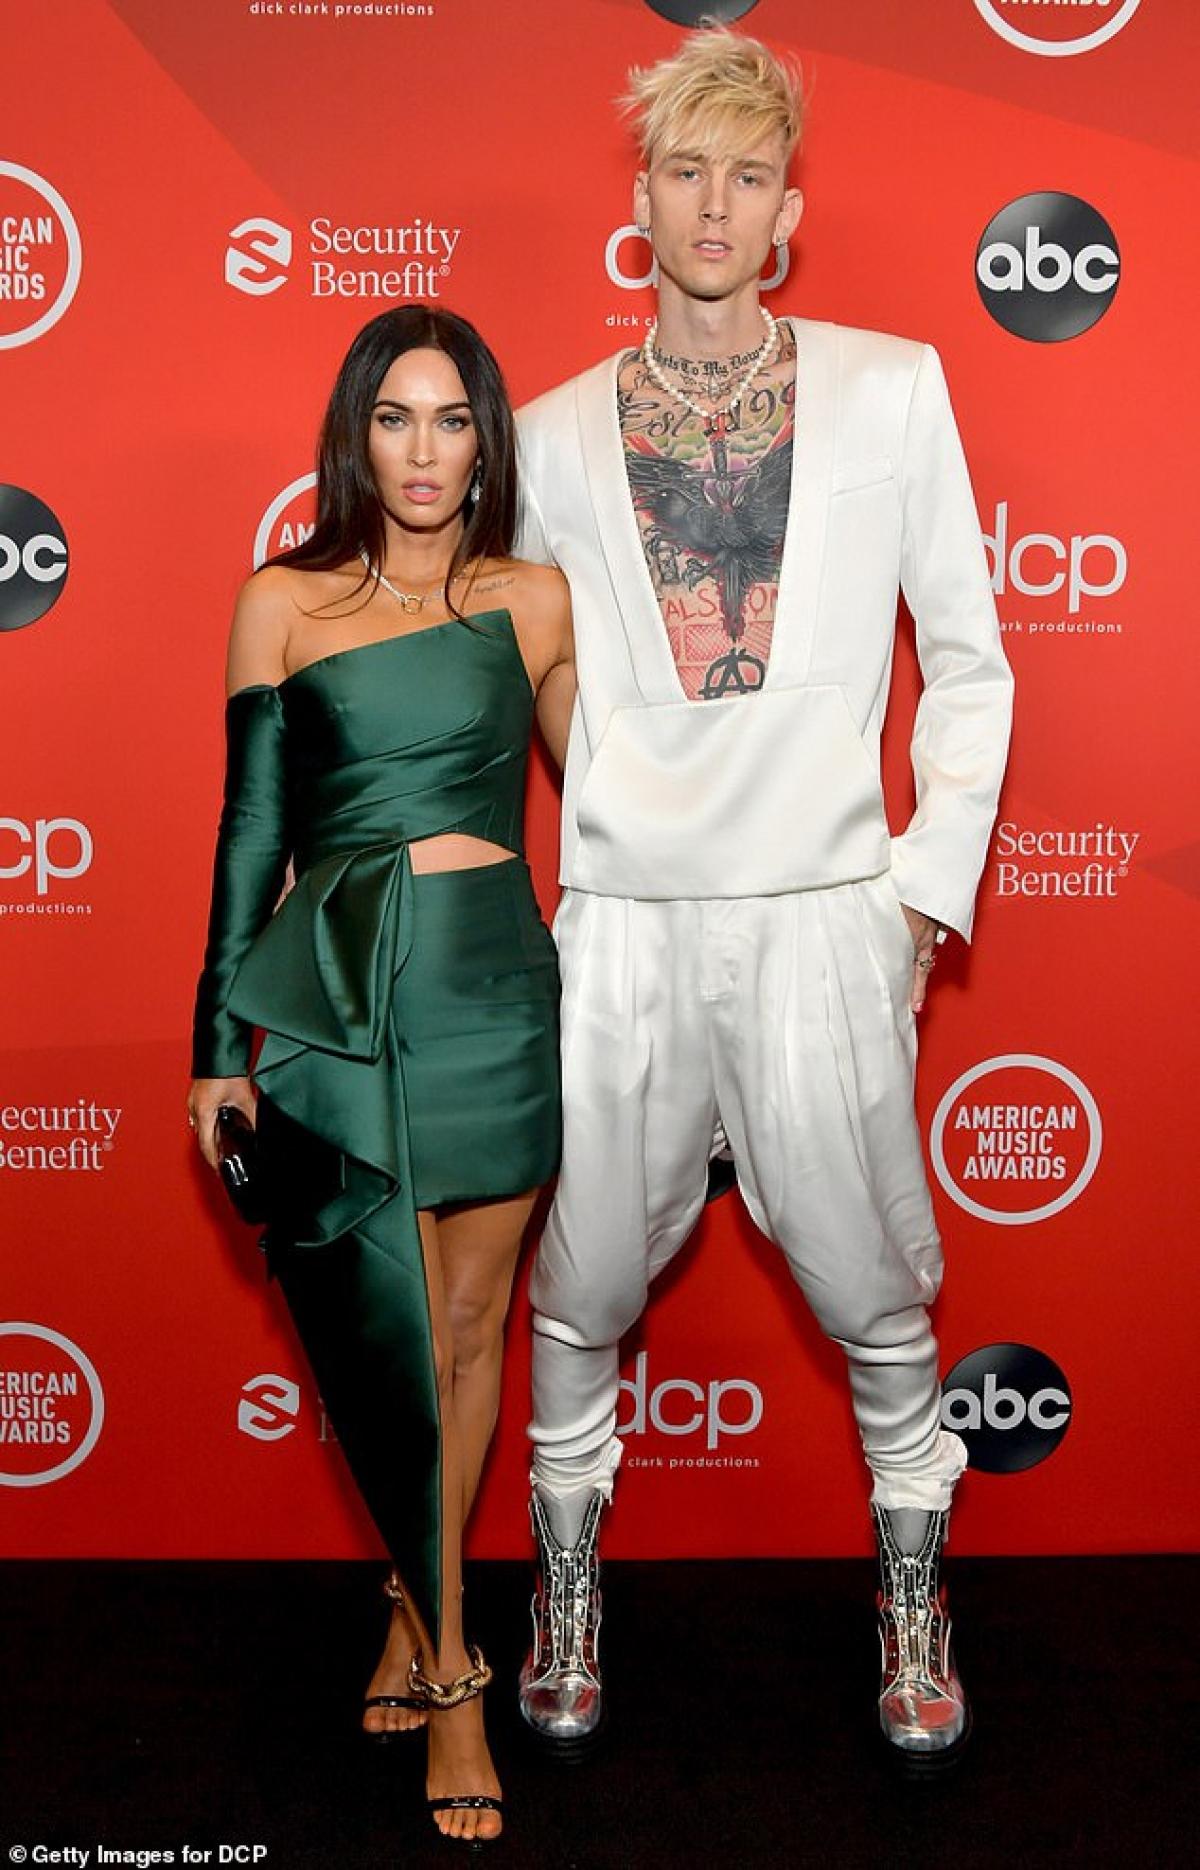 Megan Fox và bạn trai kém 4 tuổi Machine Gun Kelly sánh đôi tình cảm tới dự lễ trao giải American Music Awards tối 22/11 ở Mỹ.